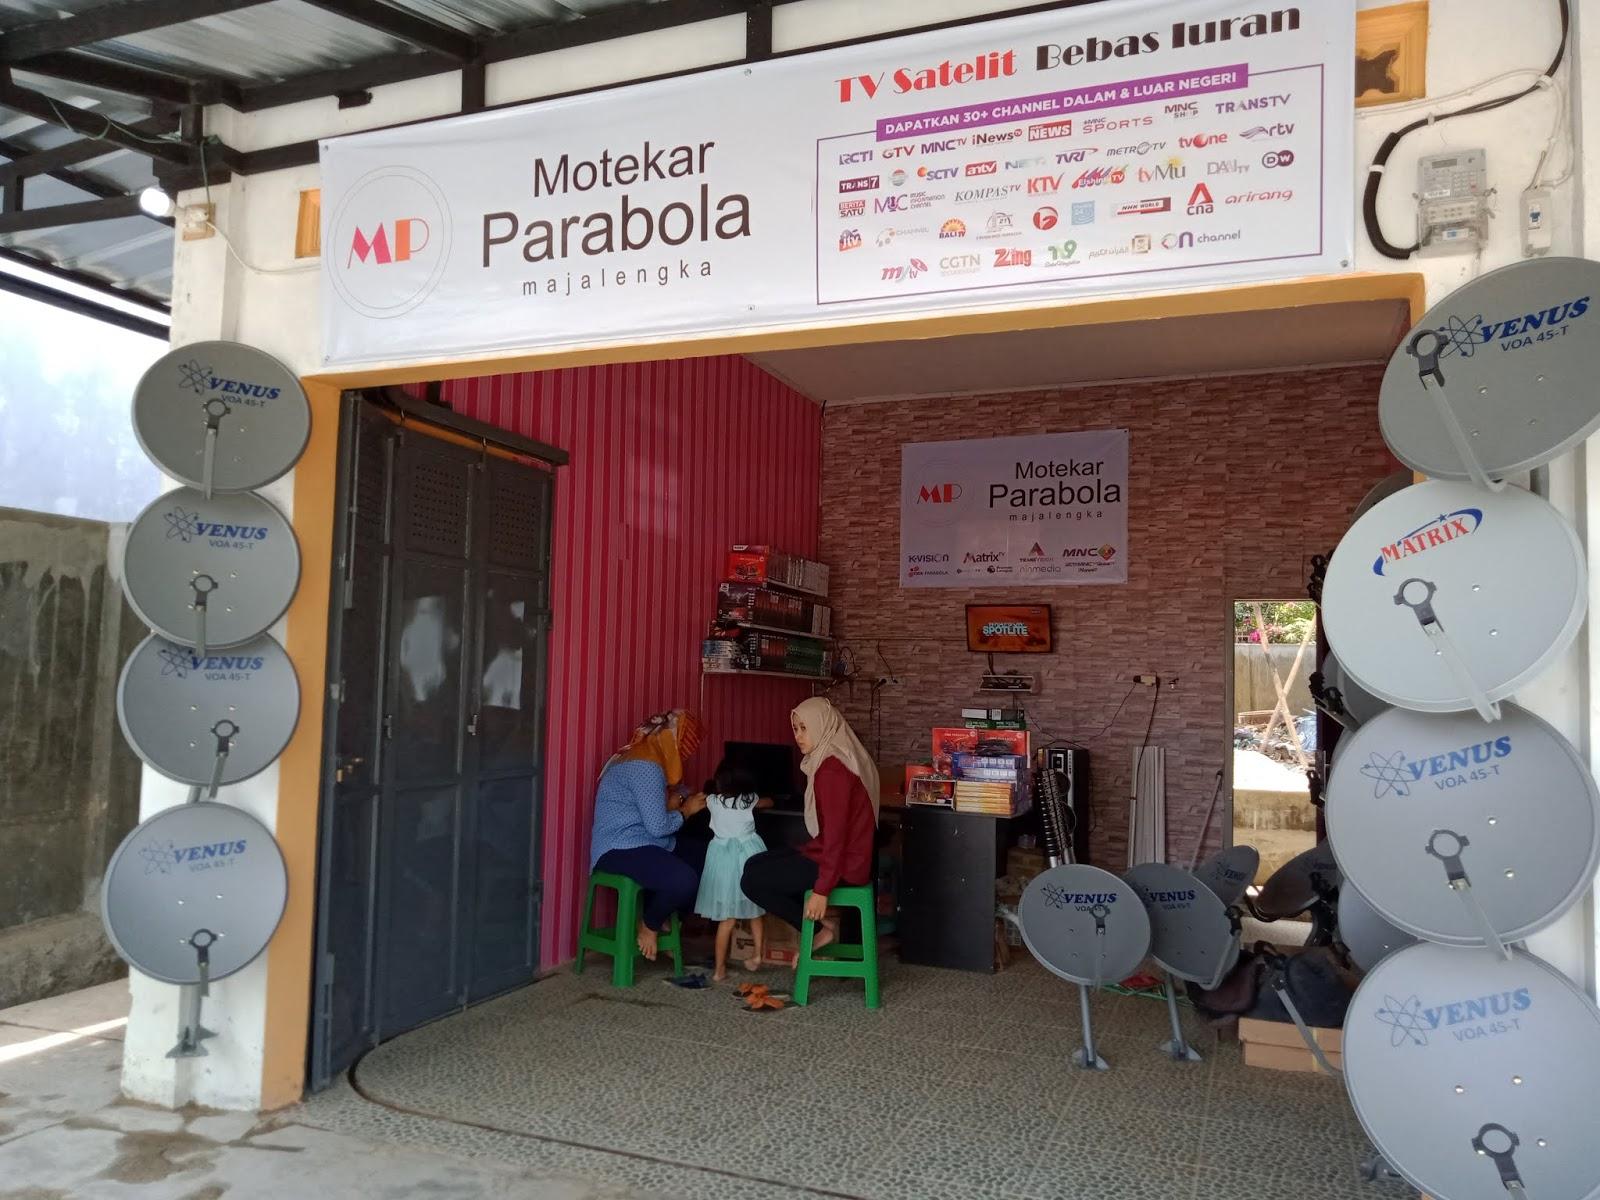 teknisi parabola majalengka, tekhnisi parabola terdekat, parabola majalengka